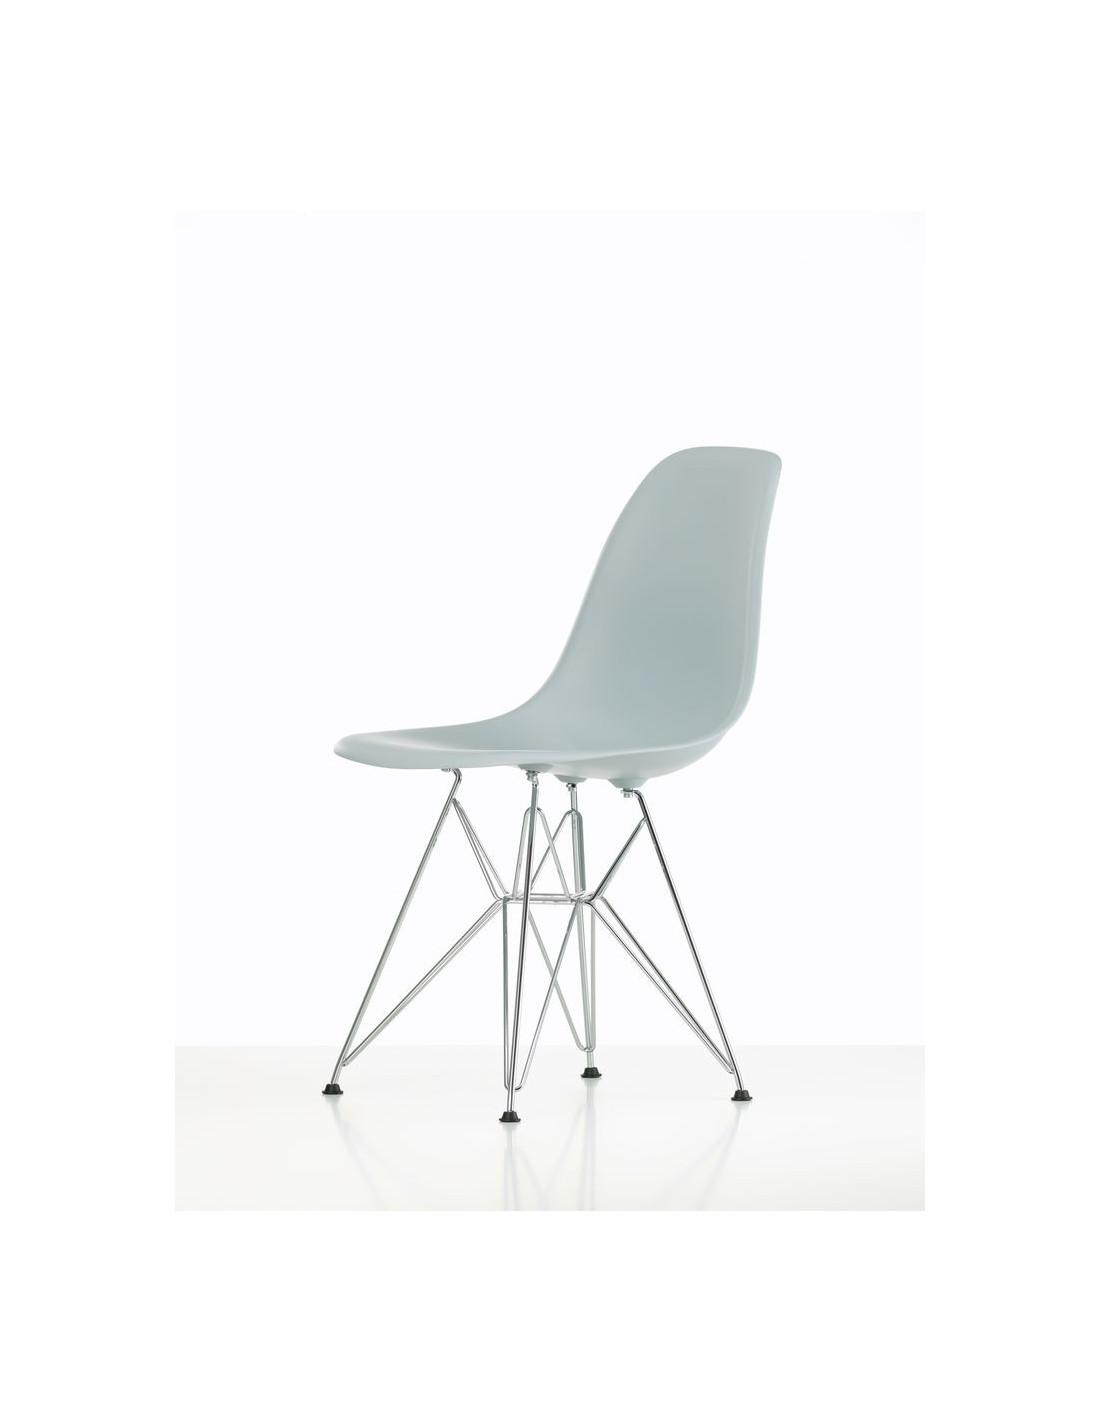 chaise eiffel eames amazing chaise eames noire gallery of chaise eiffel design dsr c eames noir. Black Bedroom Furniture Sets. Home Design Ideas